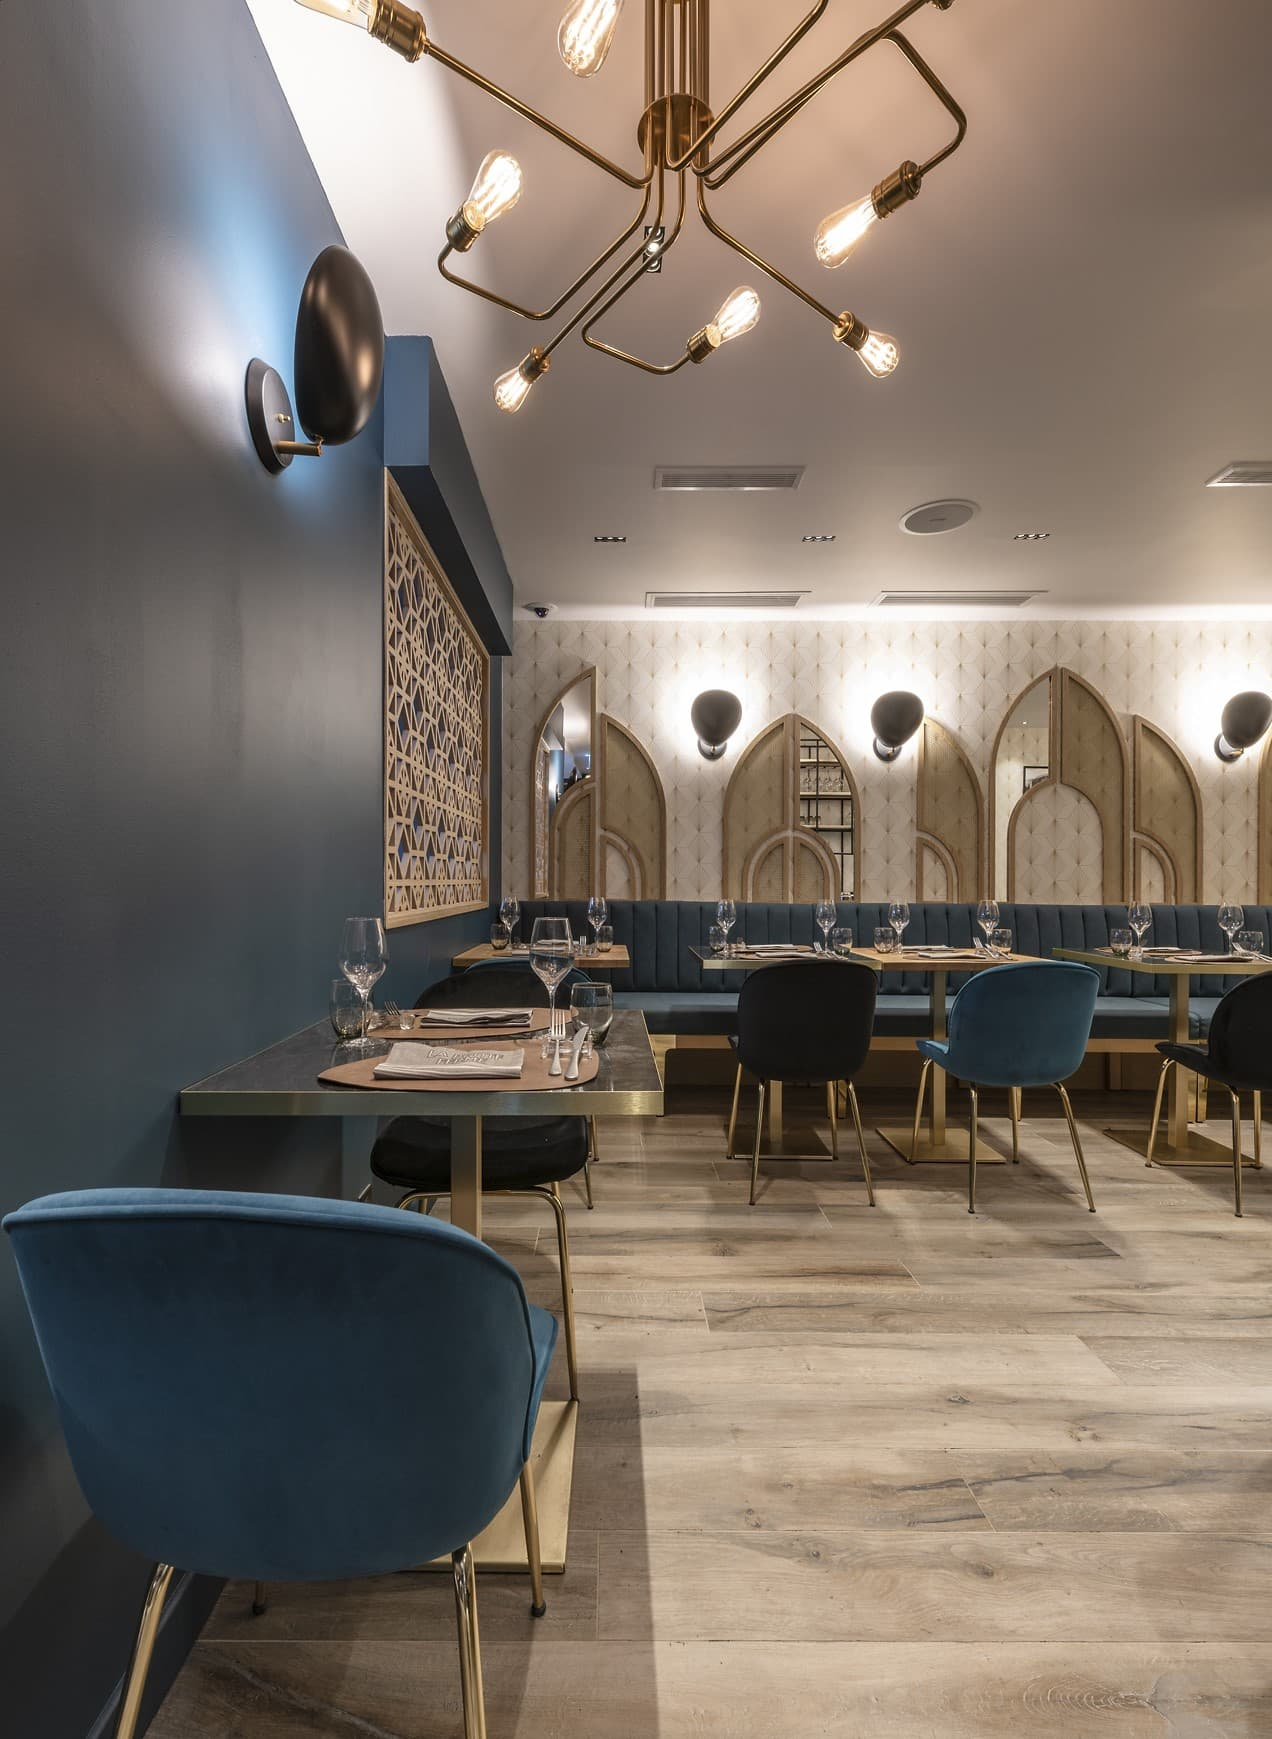 Suspensions et appliques murales de style art déco dans le restaurant La Petite Ferme